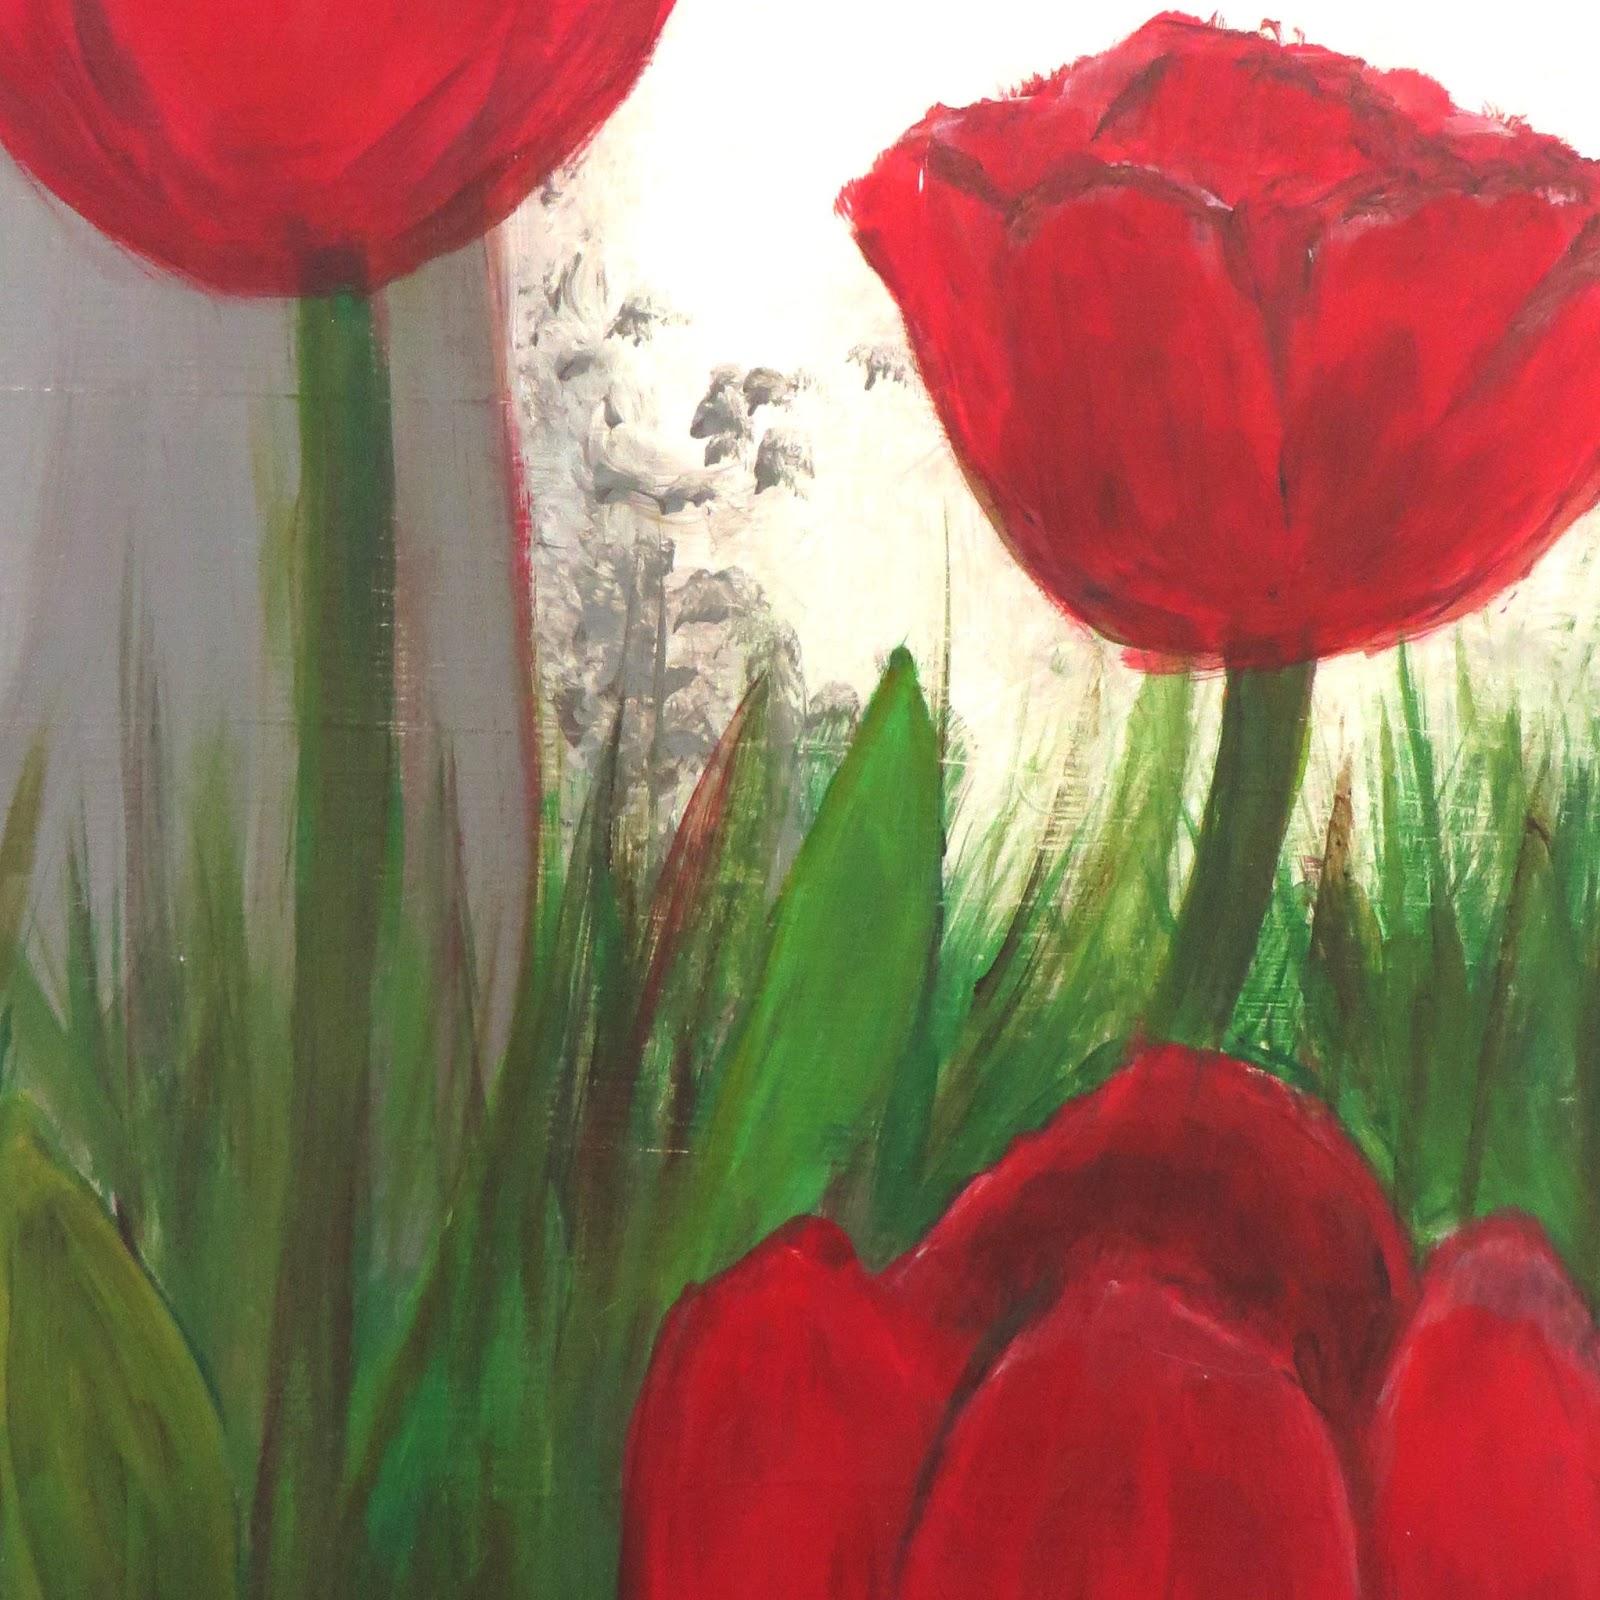 Oil Tank Tulips